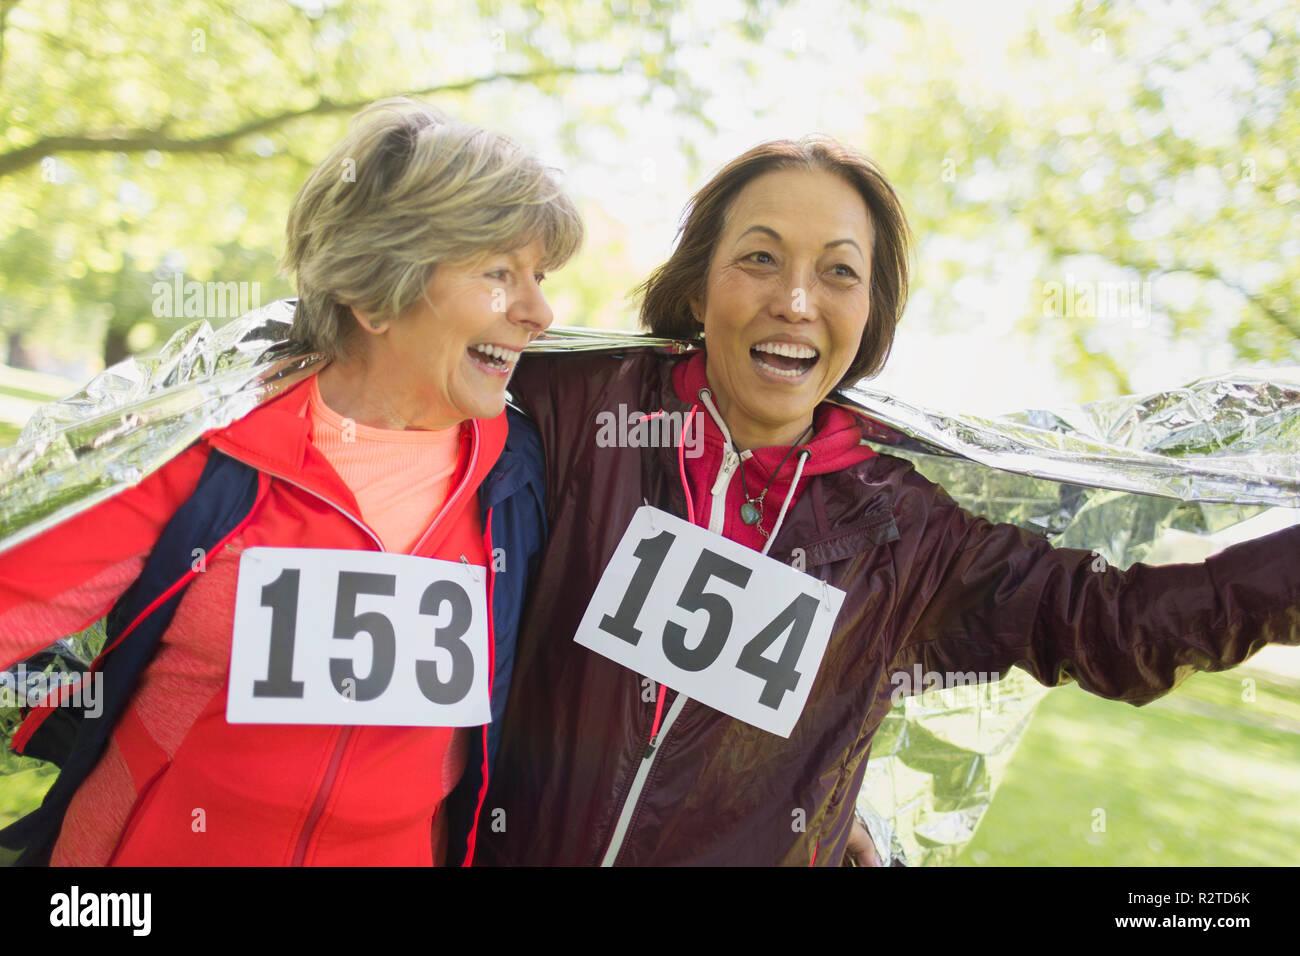 Feliz mujeres senior activo acabado la carrera deportiva, envuelto en una manta térmica Imagen De Stock